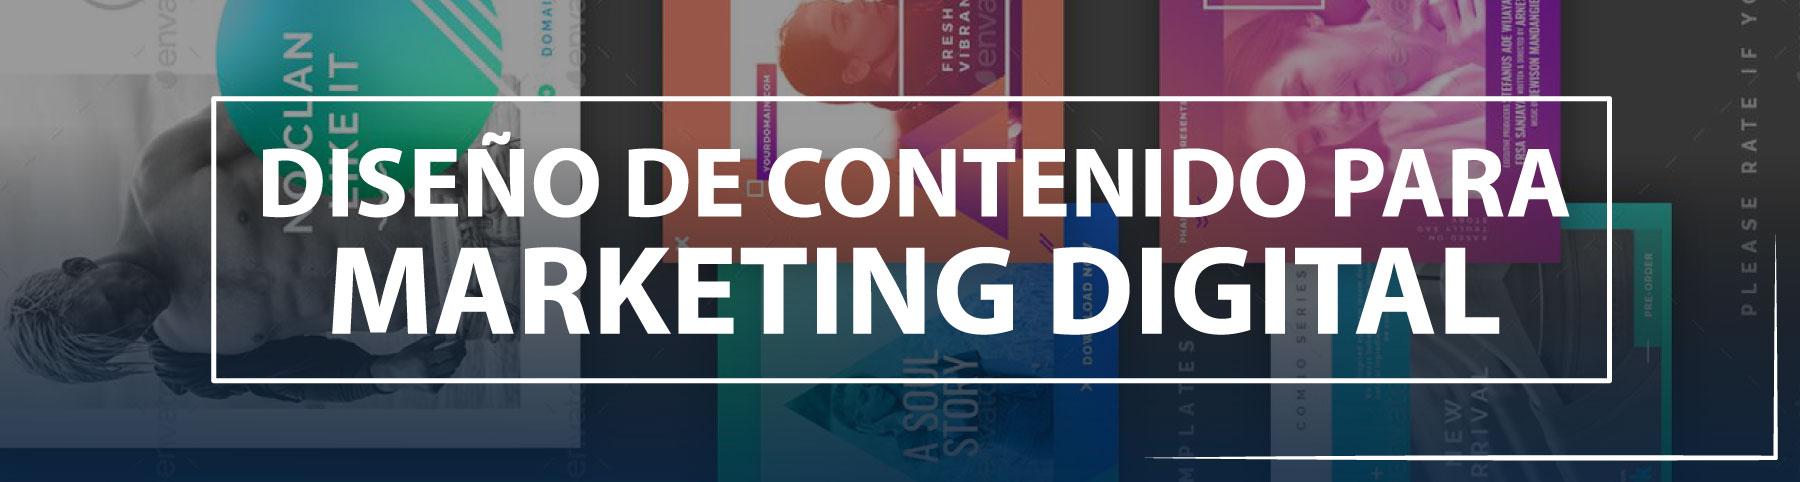 Diseño de contenido para markenting digital - Nagual Creativo